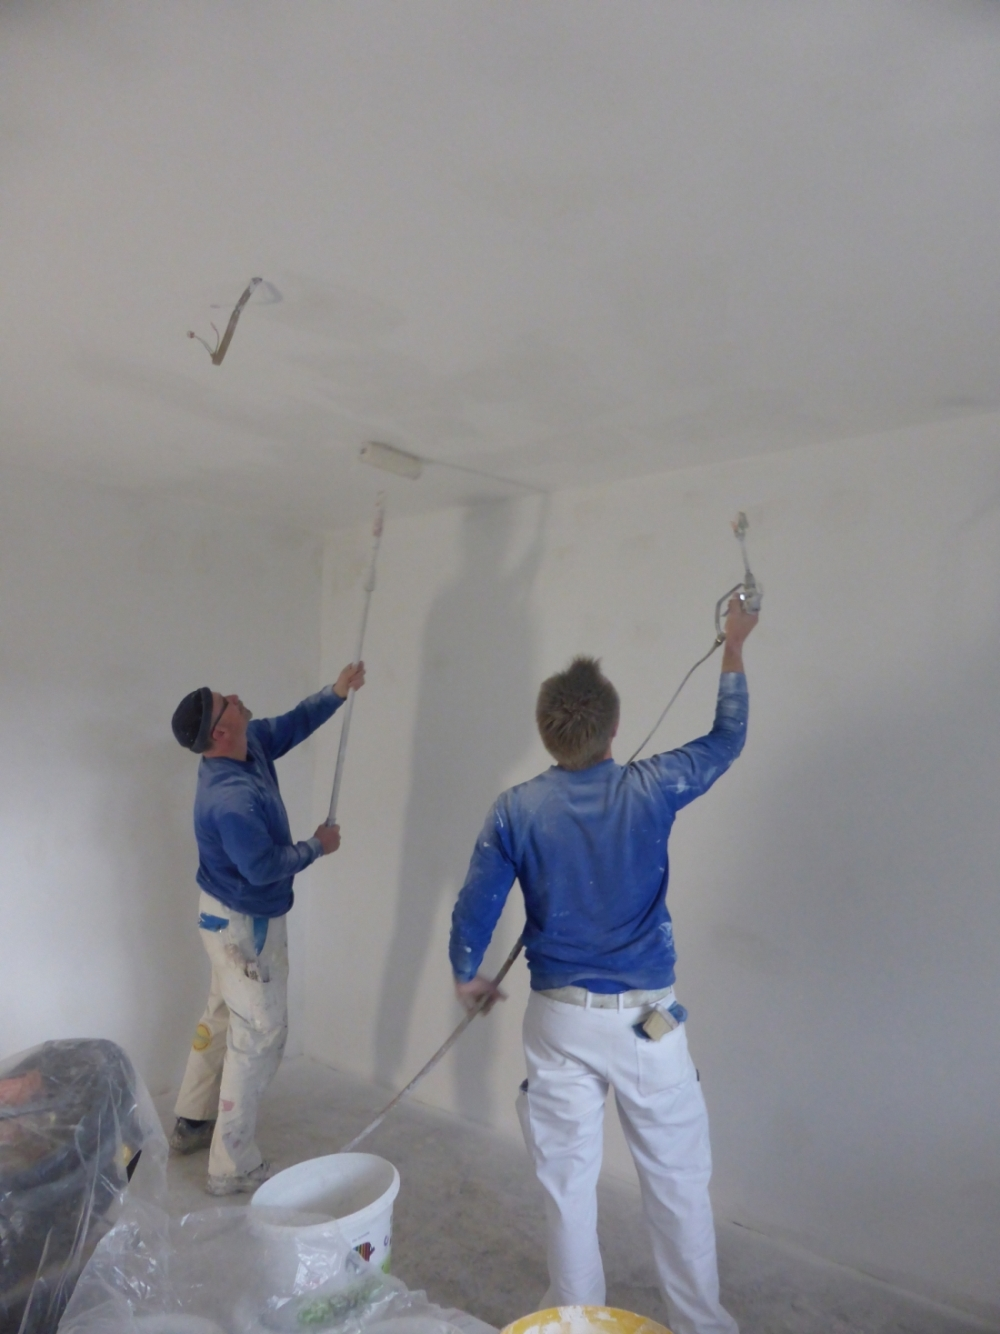 Maler bei der arbeit  Maler bei der Arbeit : Mitarbeiter Malerbetrieb Bönninger Dortmund